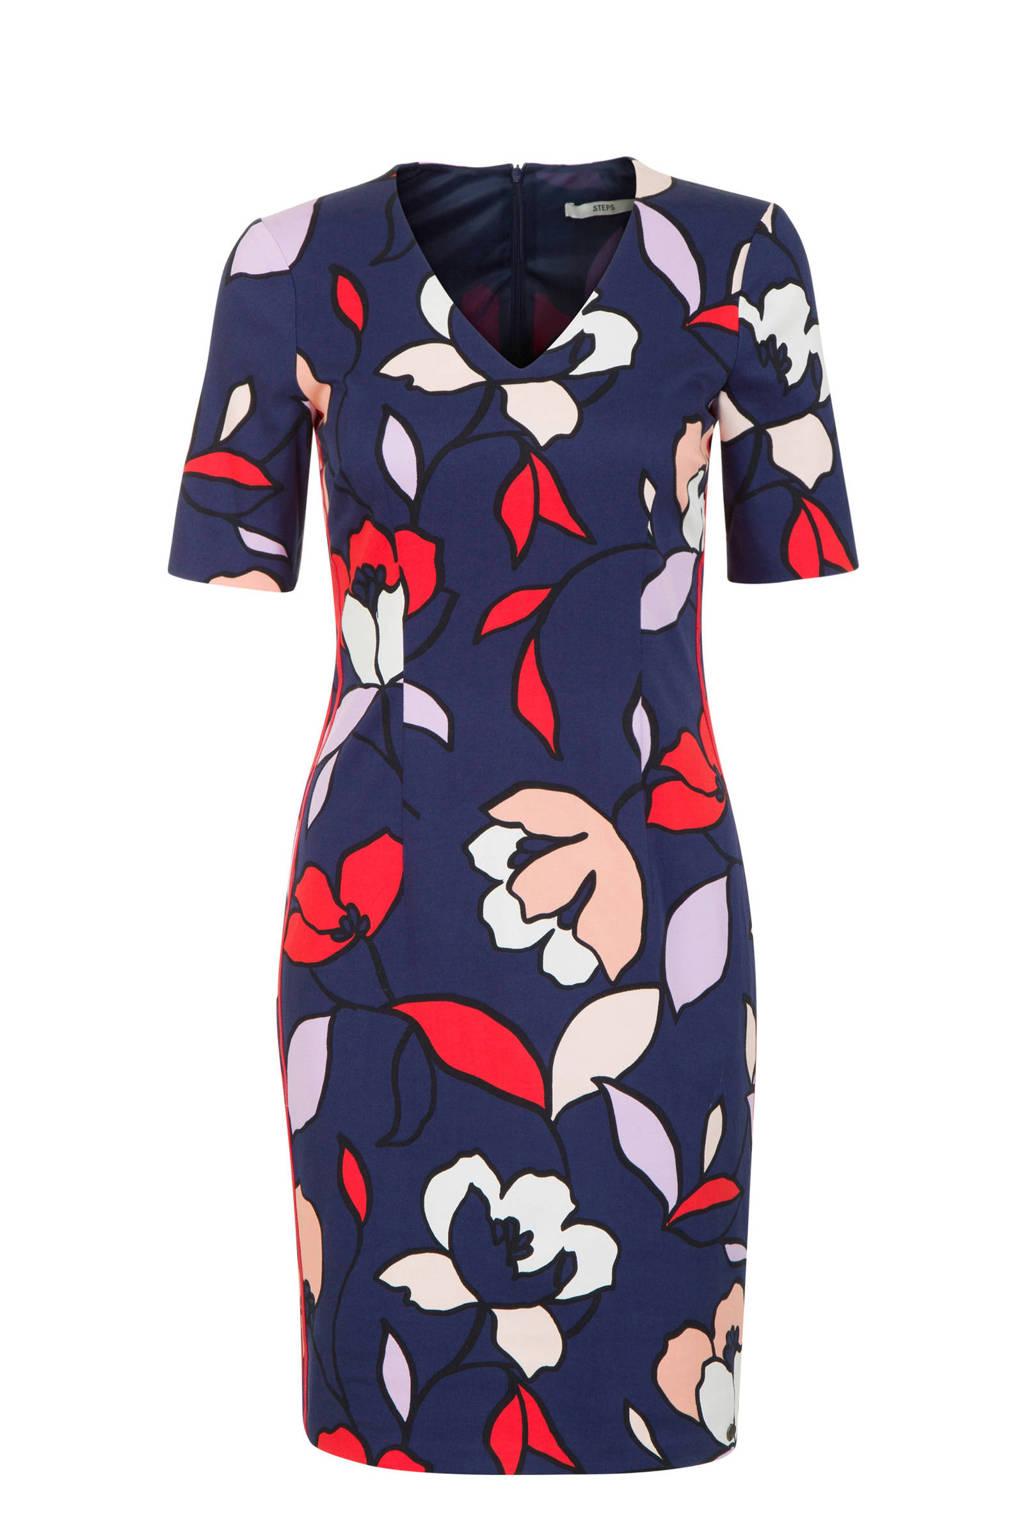 Steps gebloemde jurk, Donkerblauw/rood/paars